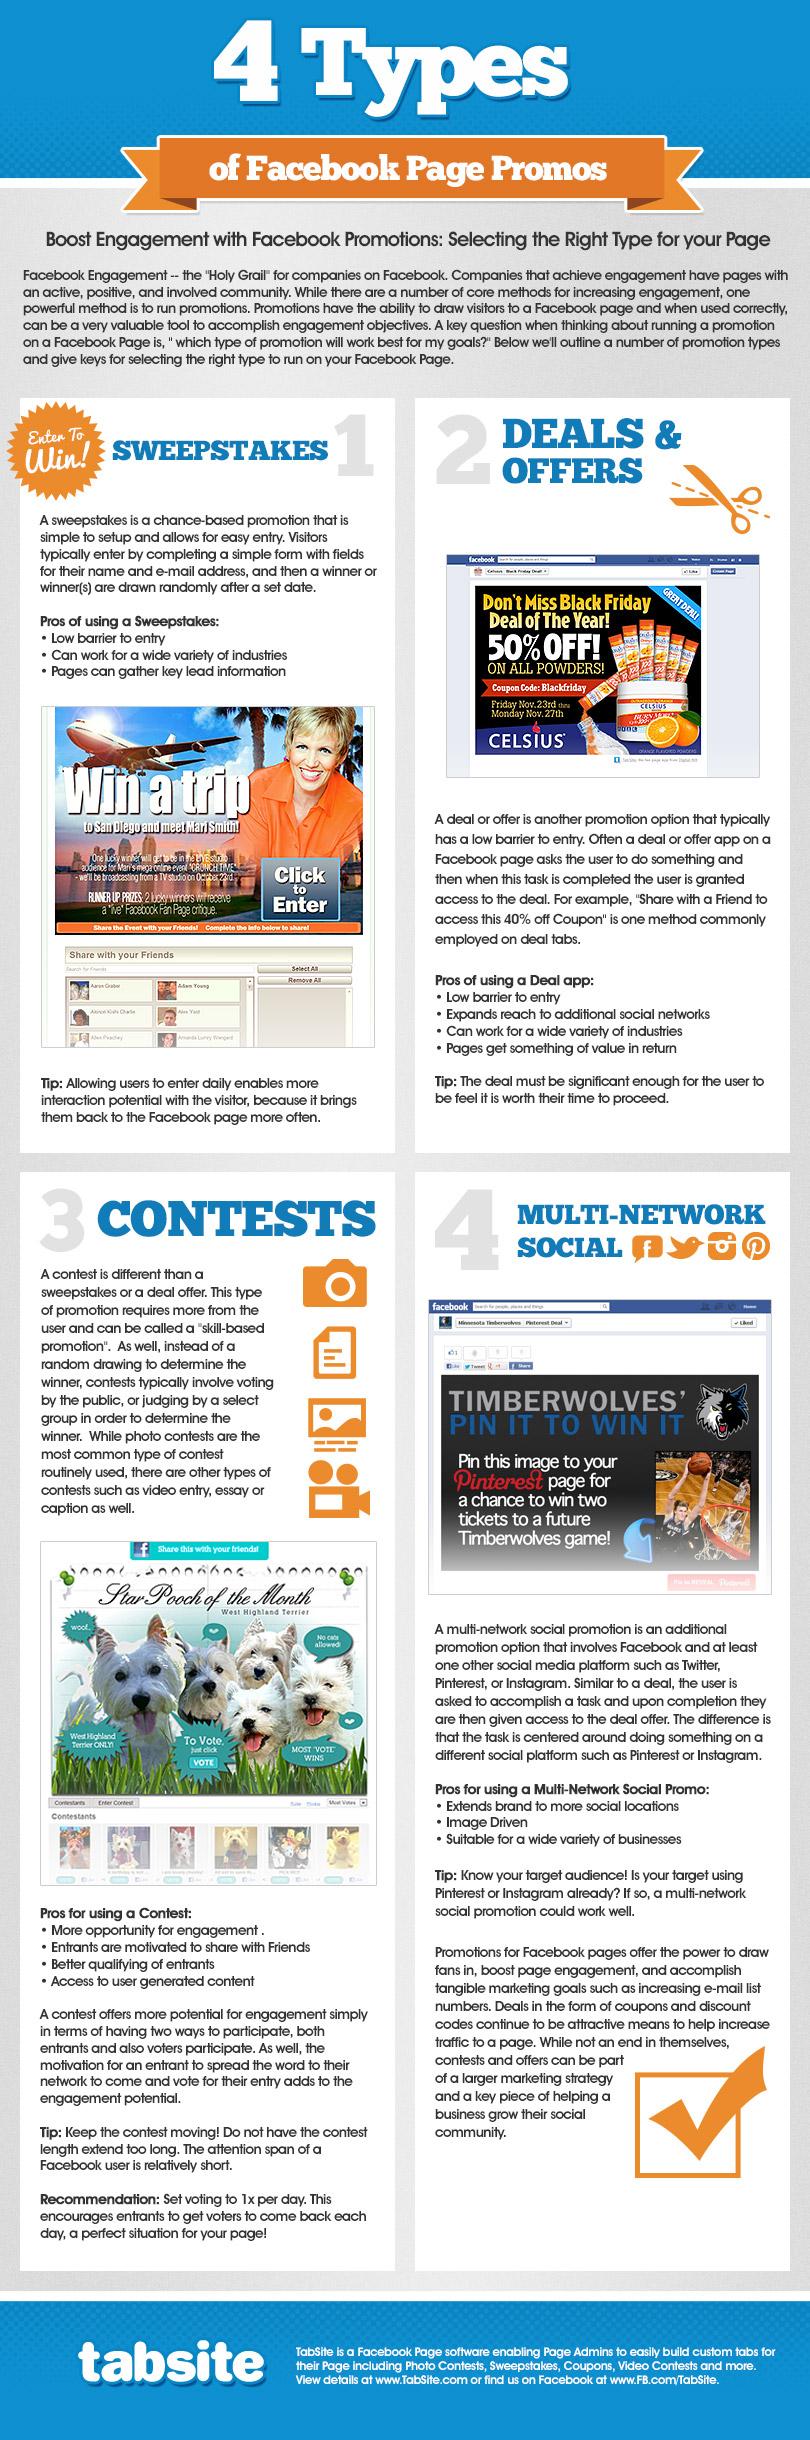 Concursos y promociones en Facebook